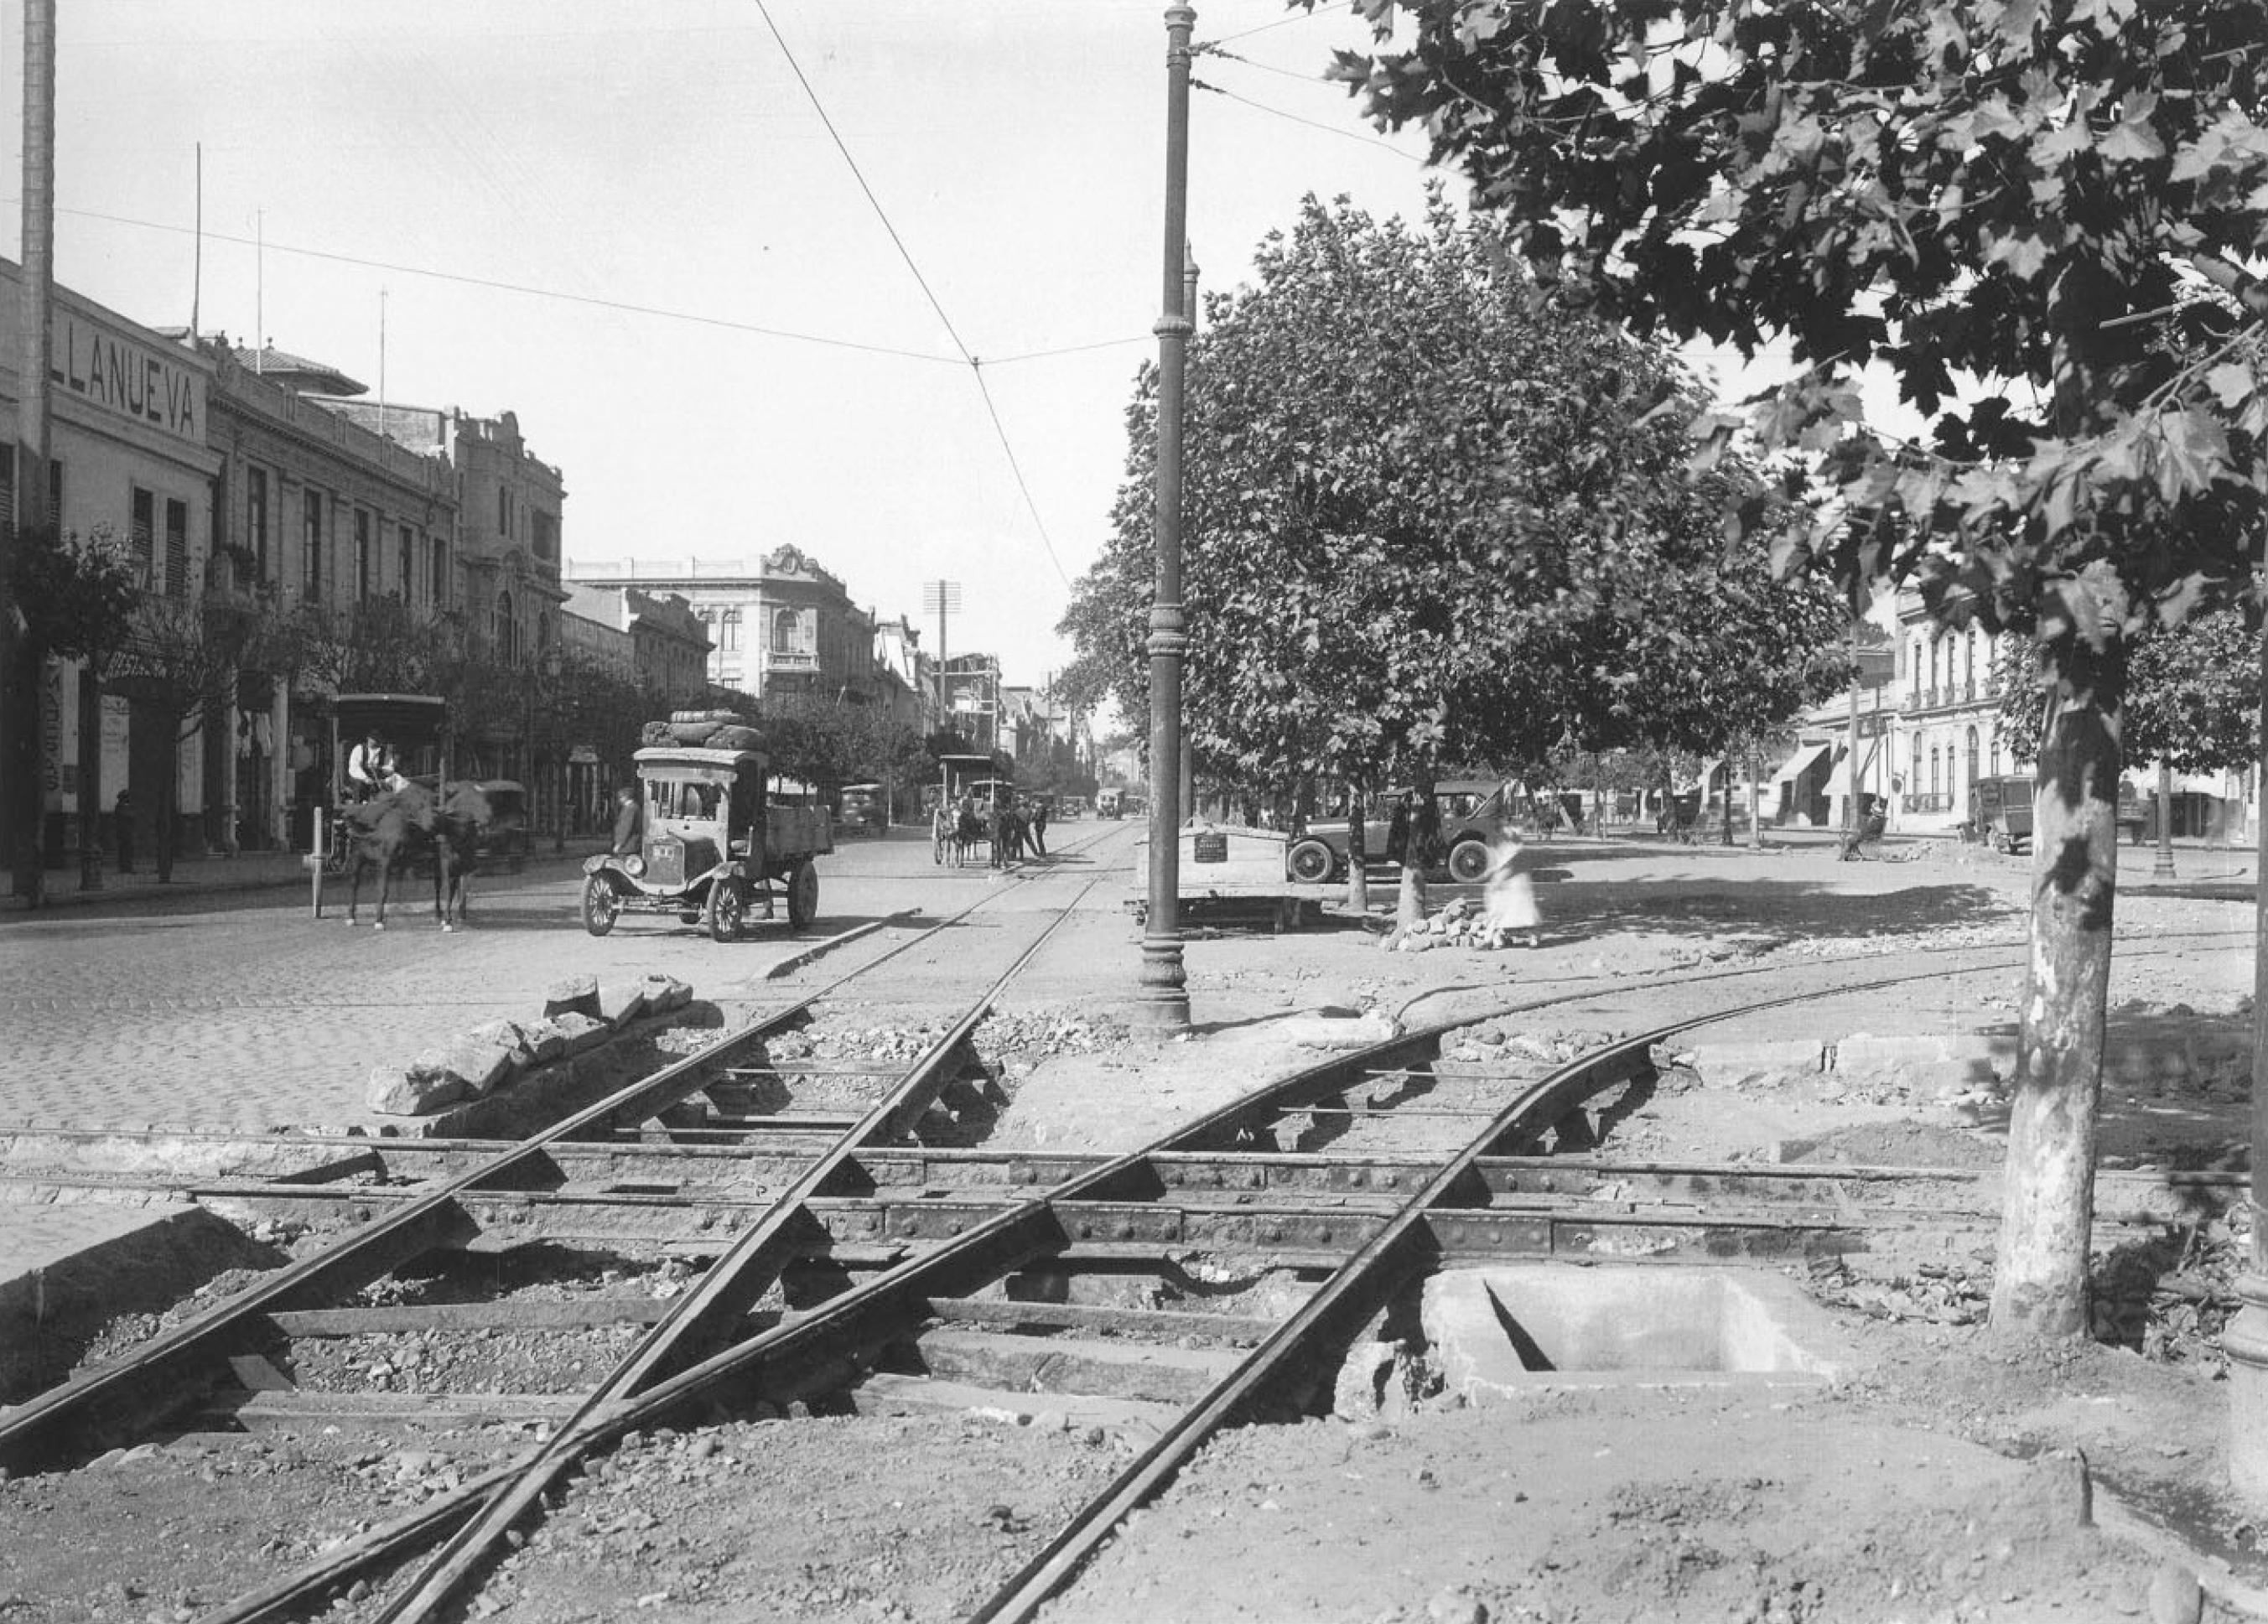 Enterreno - Fotos históricas de chile - fotos antiguas de Chile - Alameda con Esperanza, 1928